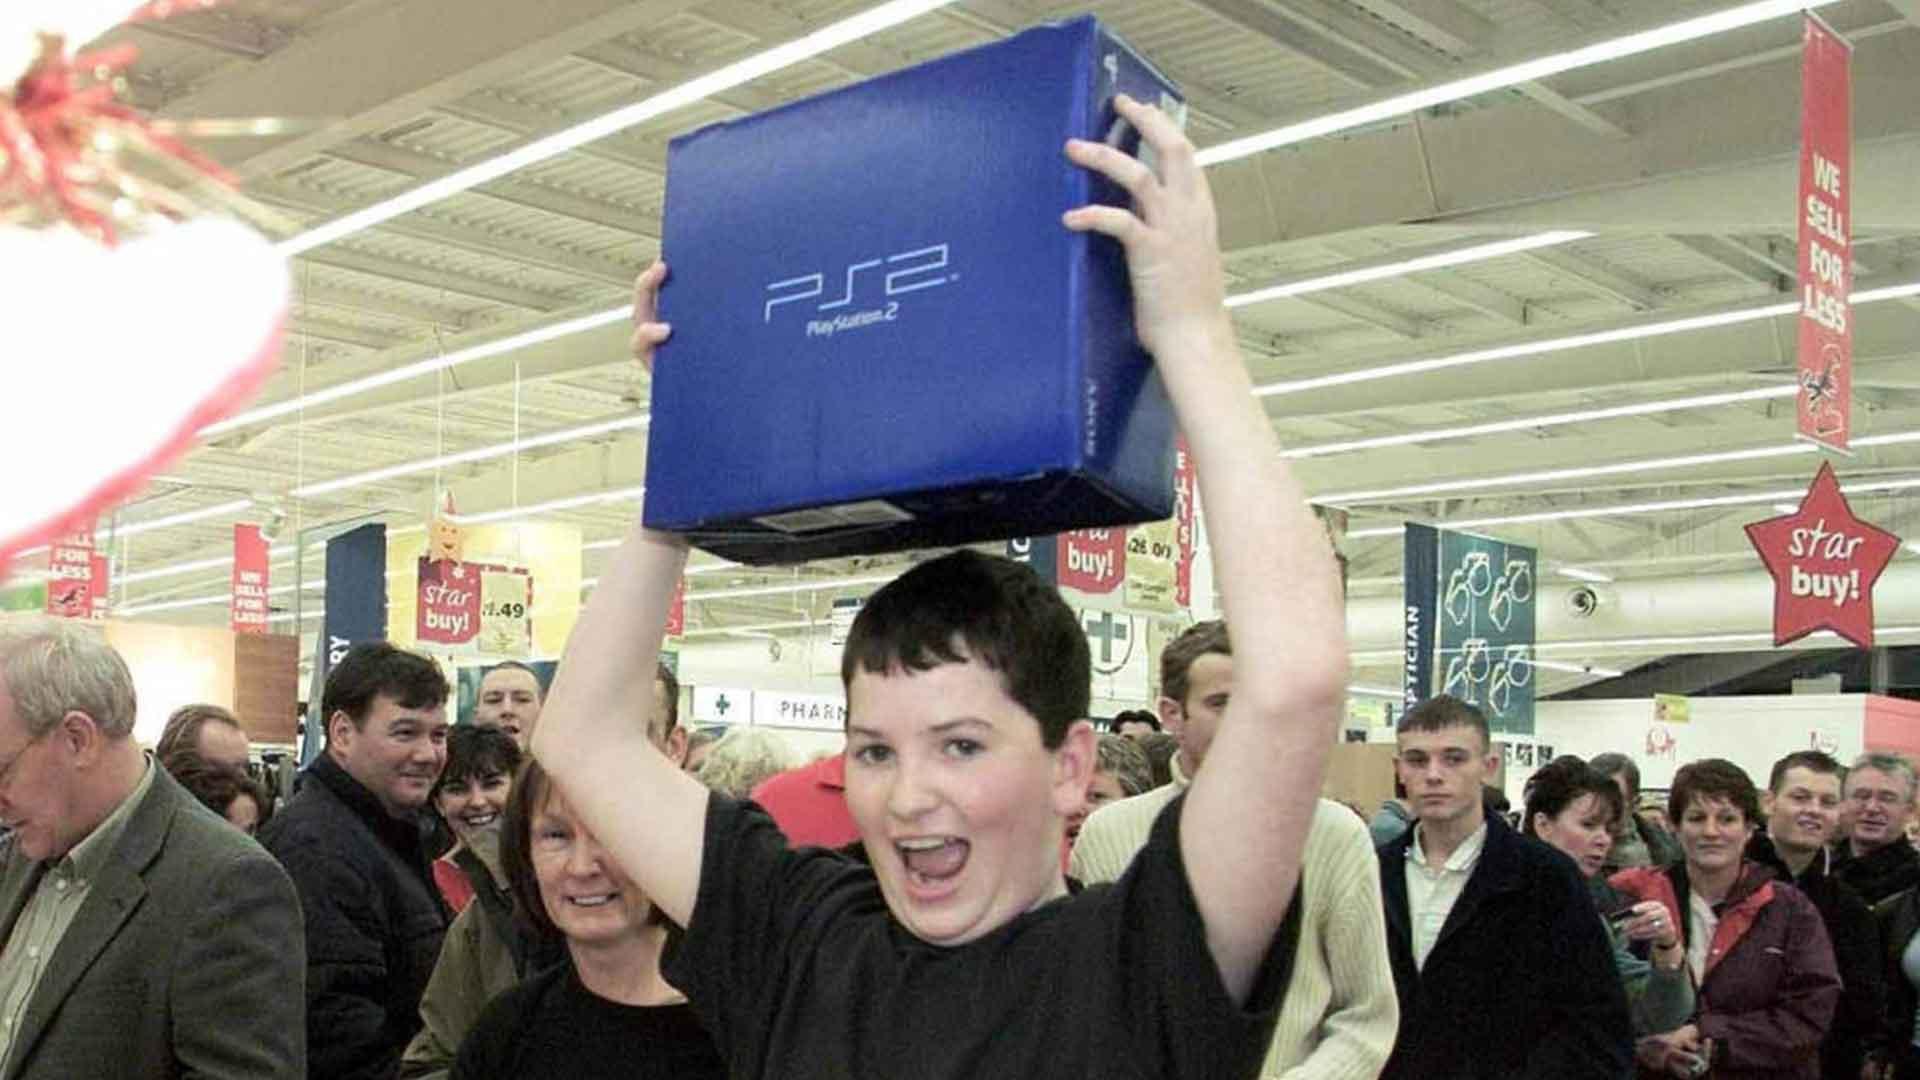 20 anos do virtuoso: Relembre a trajetória do PlayStation 2